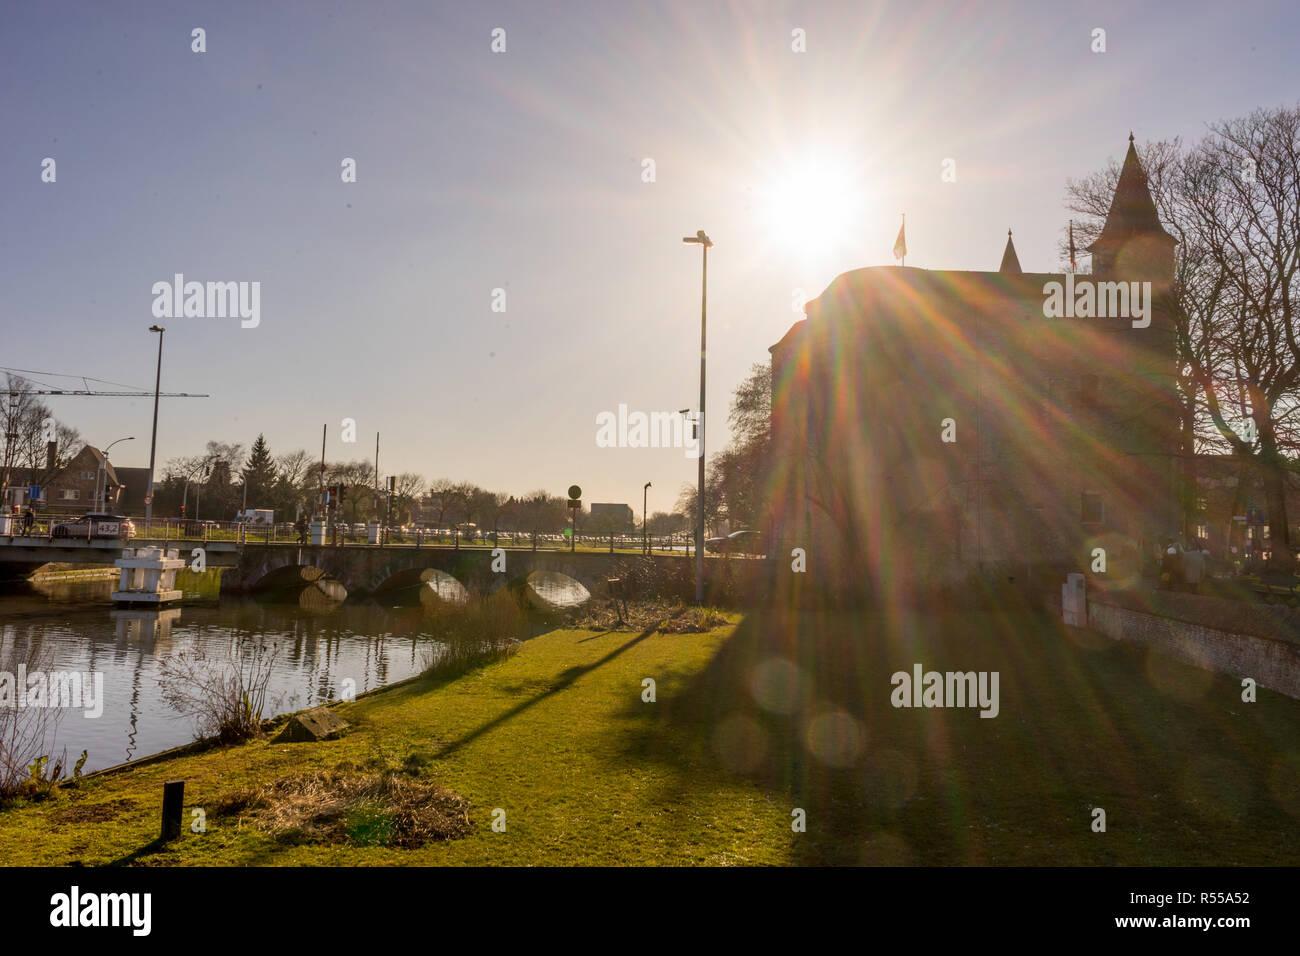 Bruges, Belgium - 17 February 2018: Sun shining over Gentpoort in Bruges, Belgium Stock Photo